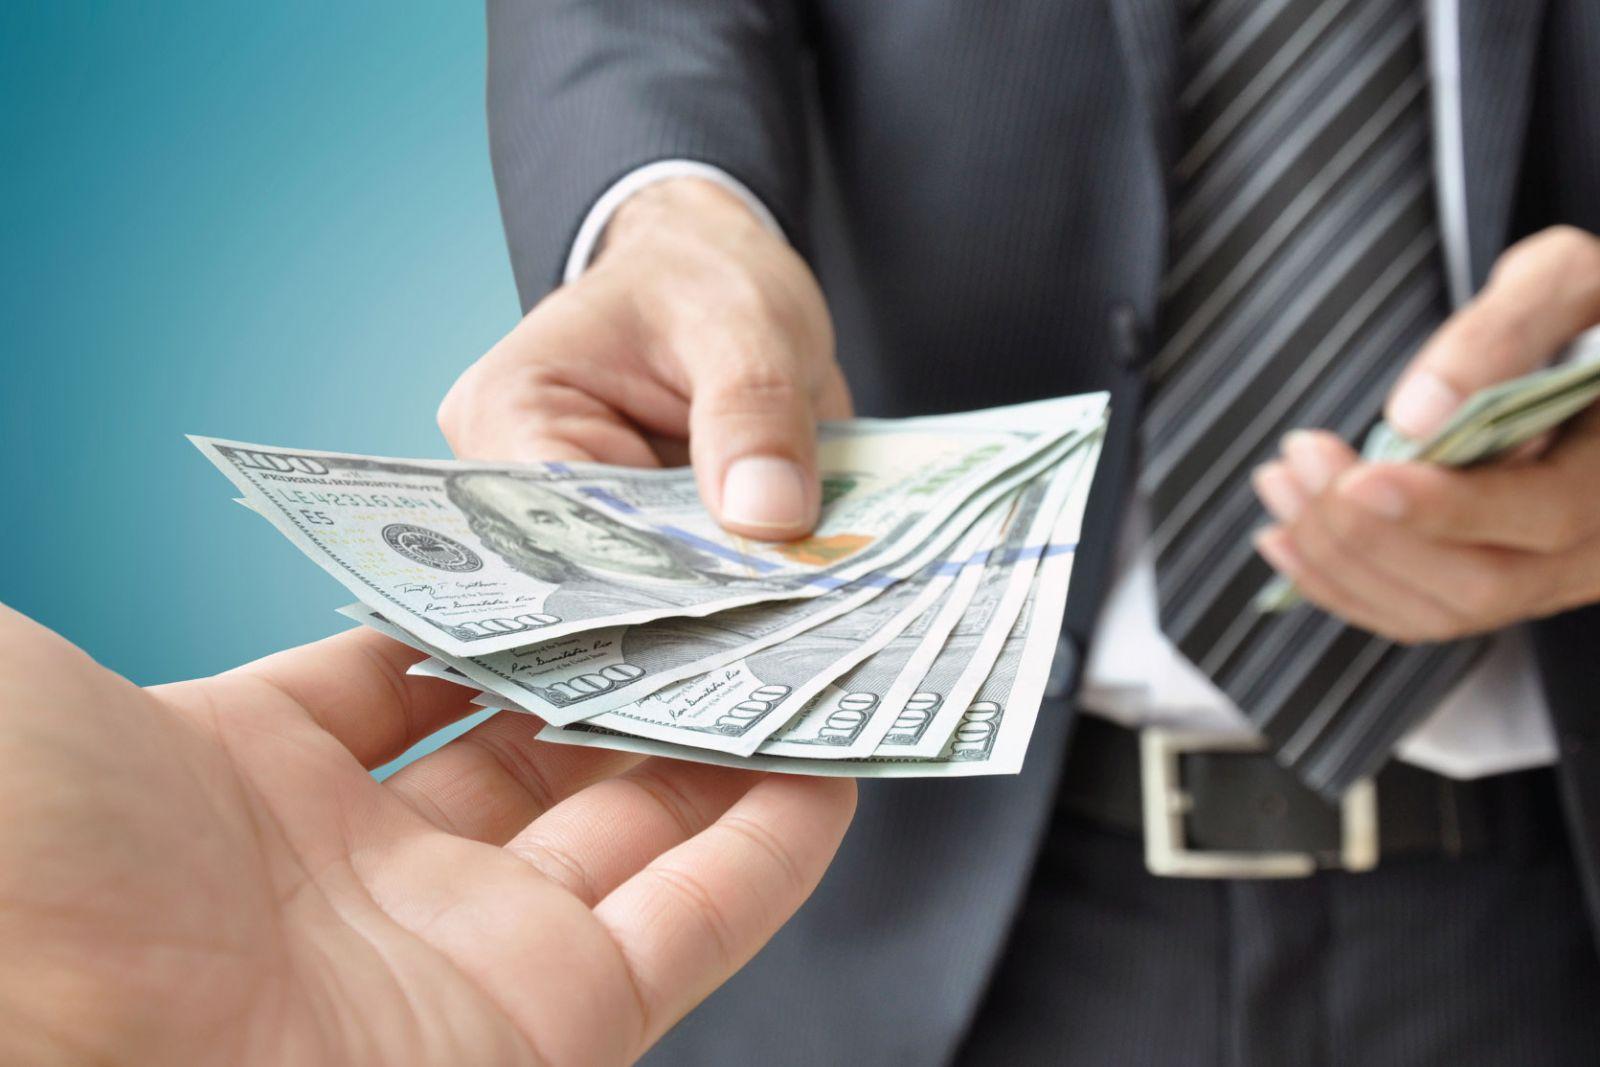 Уровень взяточничества и коррупции в Украине зашкаливает